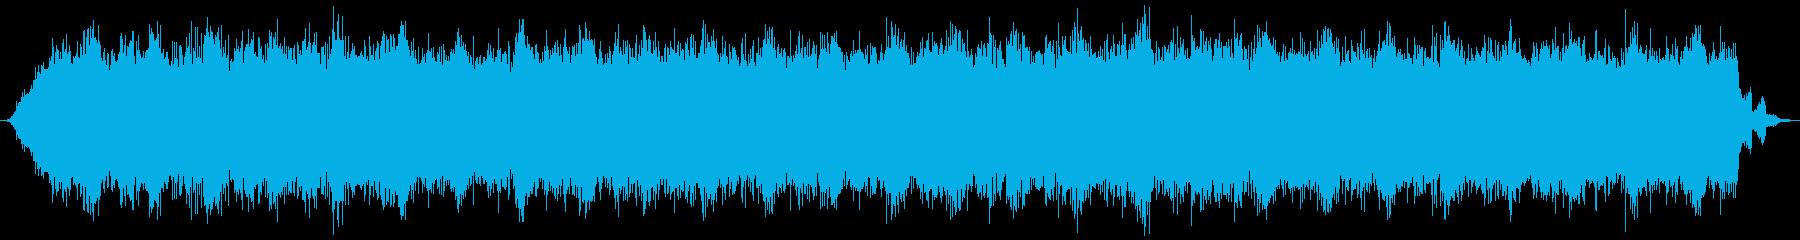 大規模なヒュージングスペースモータ...の再生済みの波形